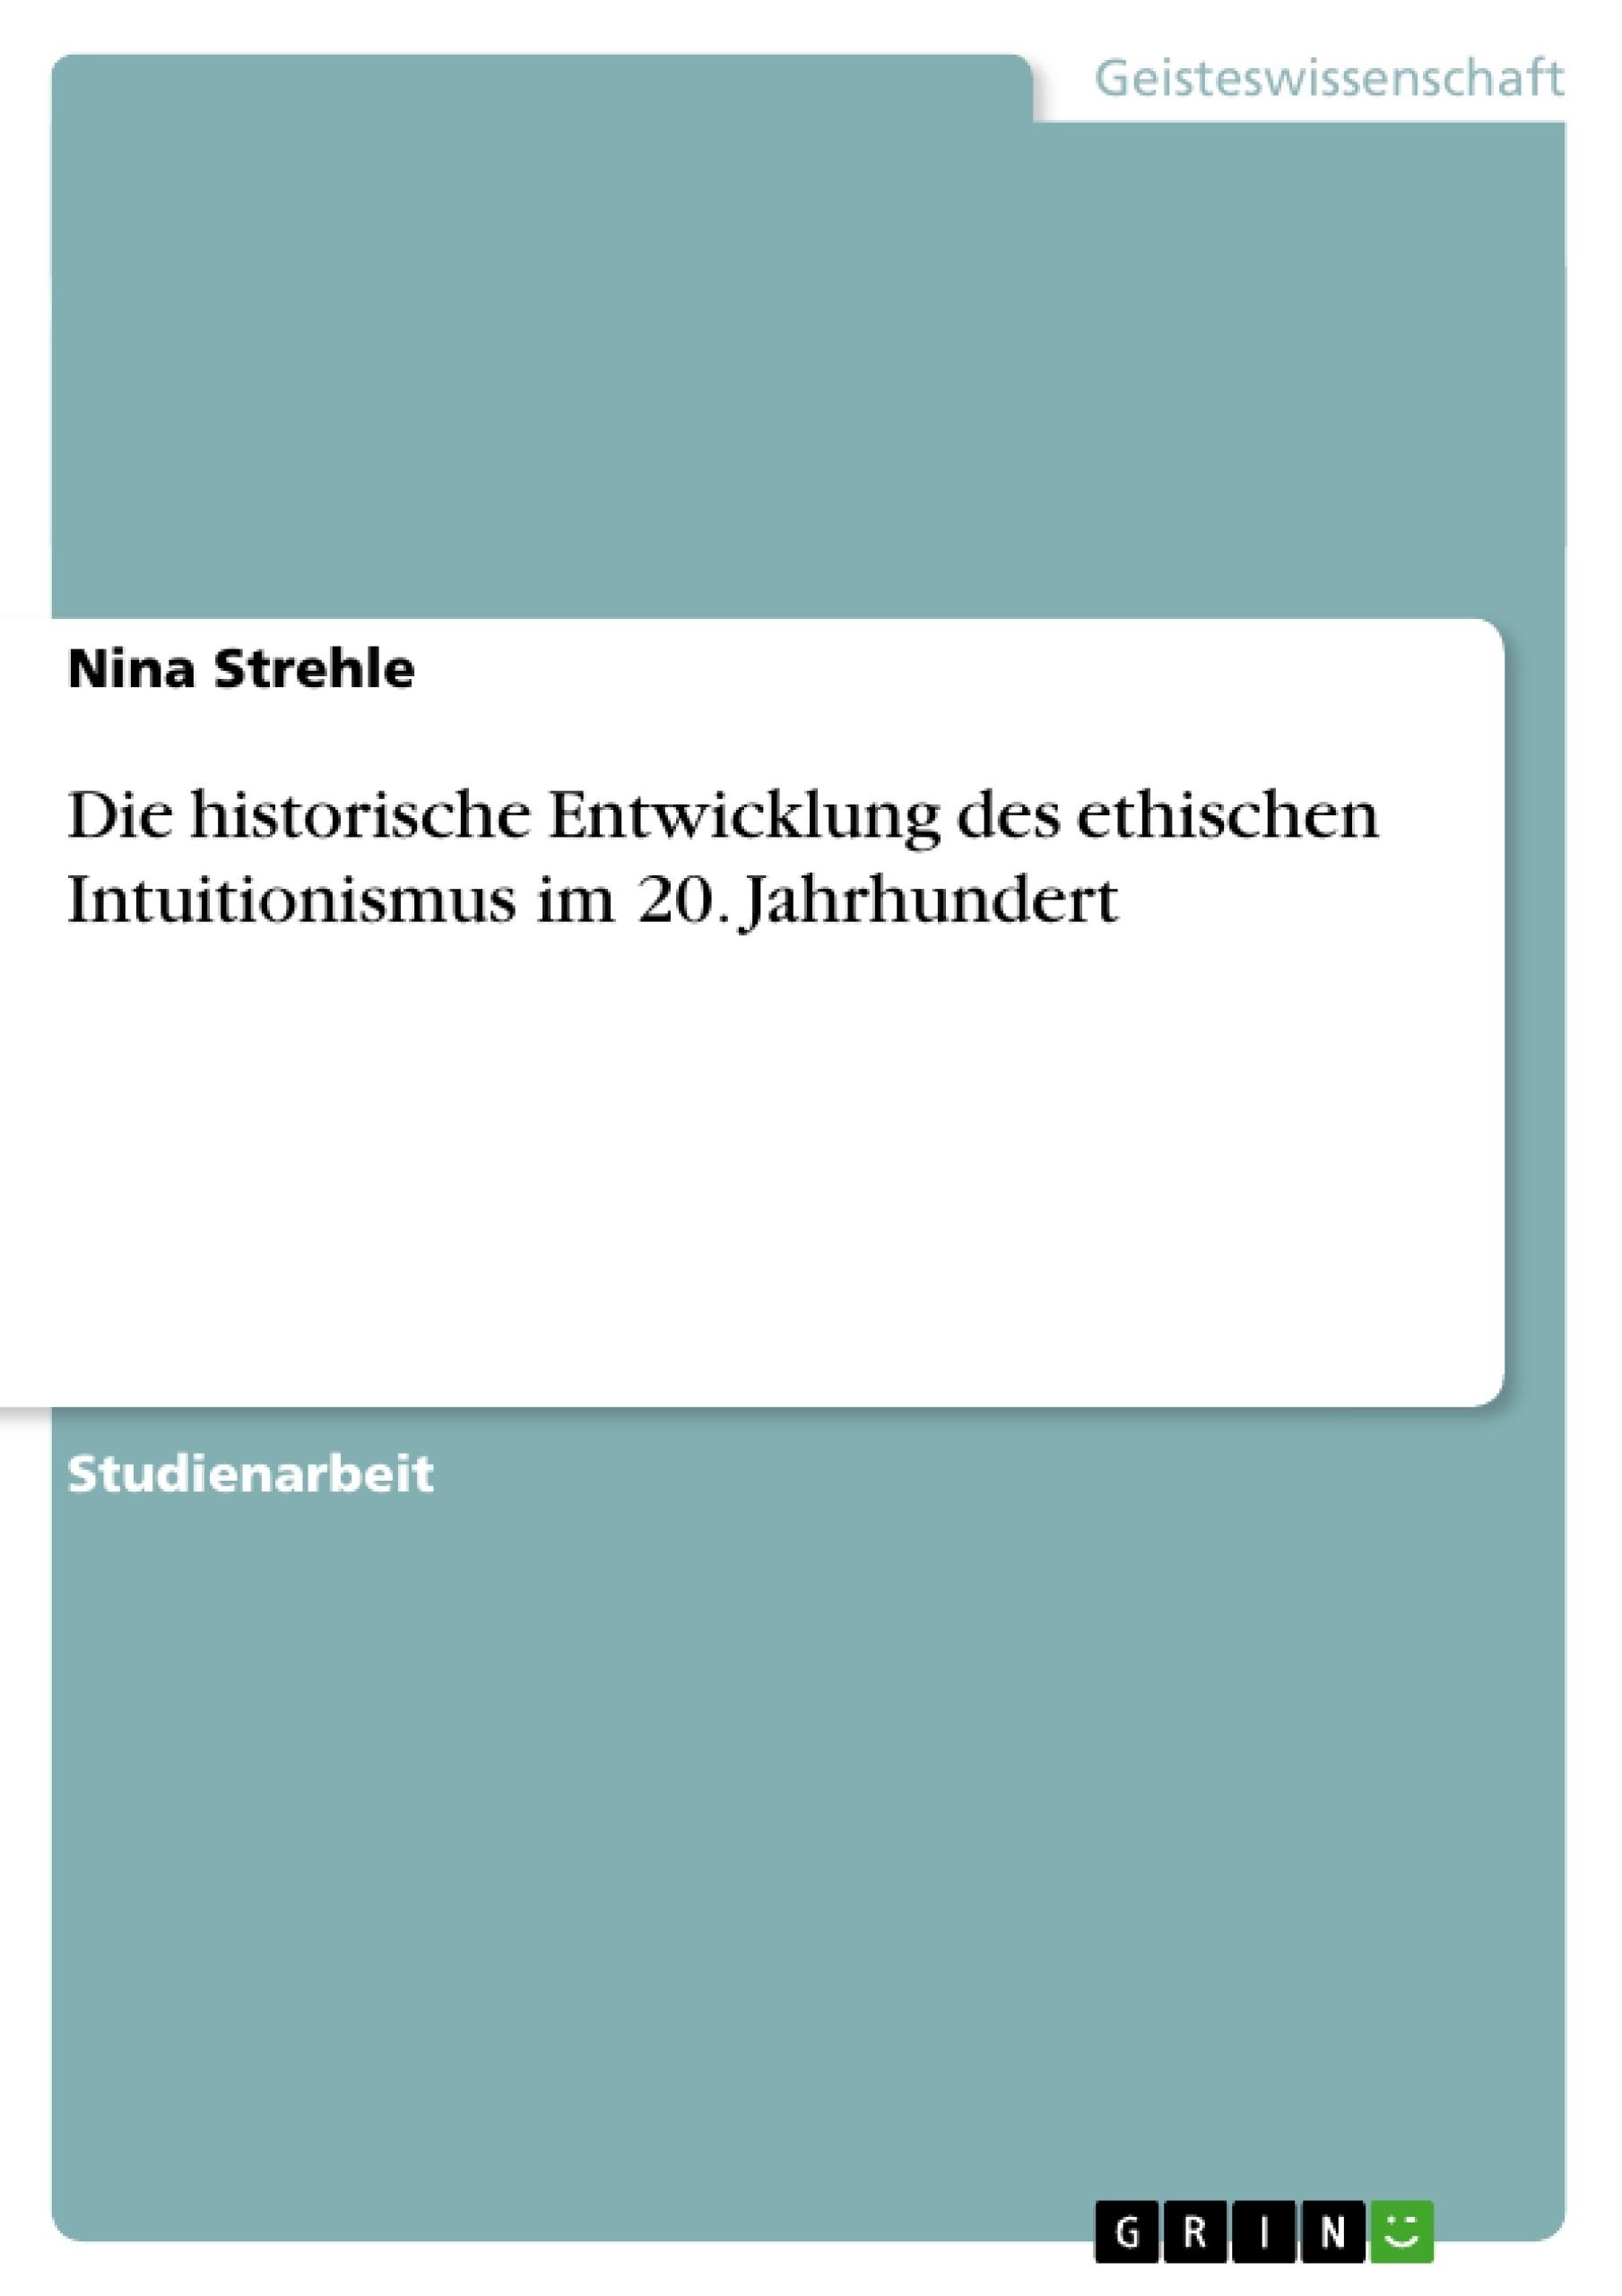 Titel: Die historische Entwicklung des ethischen Intuitionismus im 20. Jahrhundert